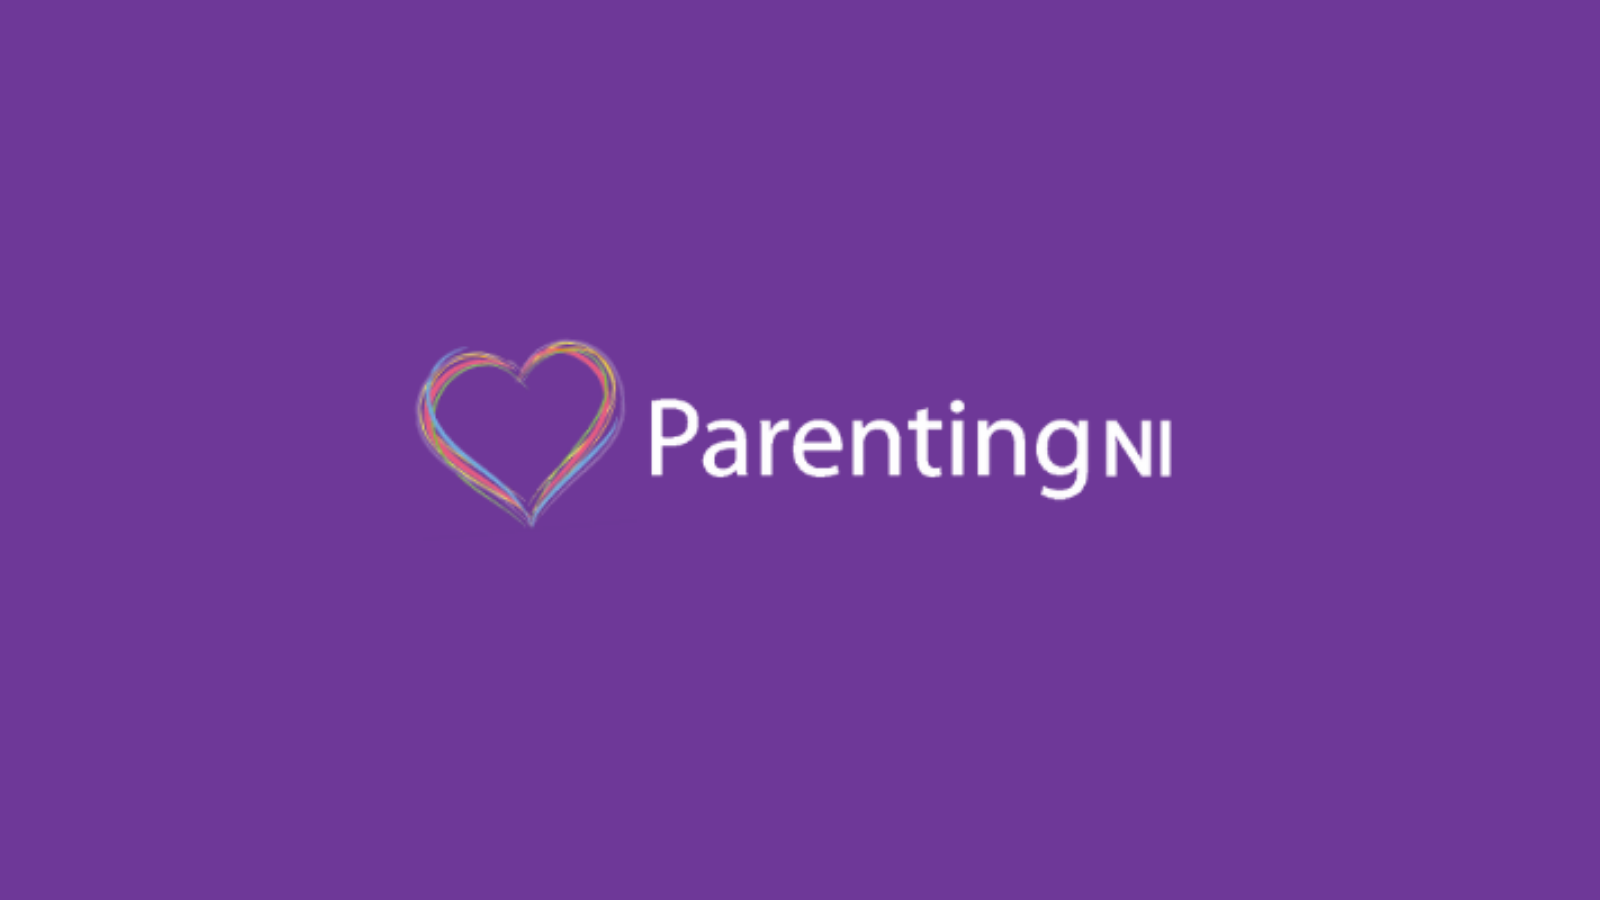 Parenting NI